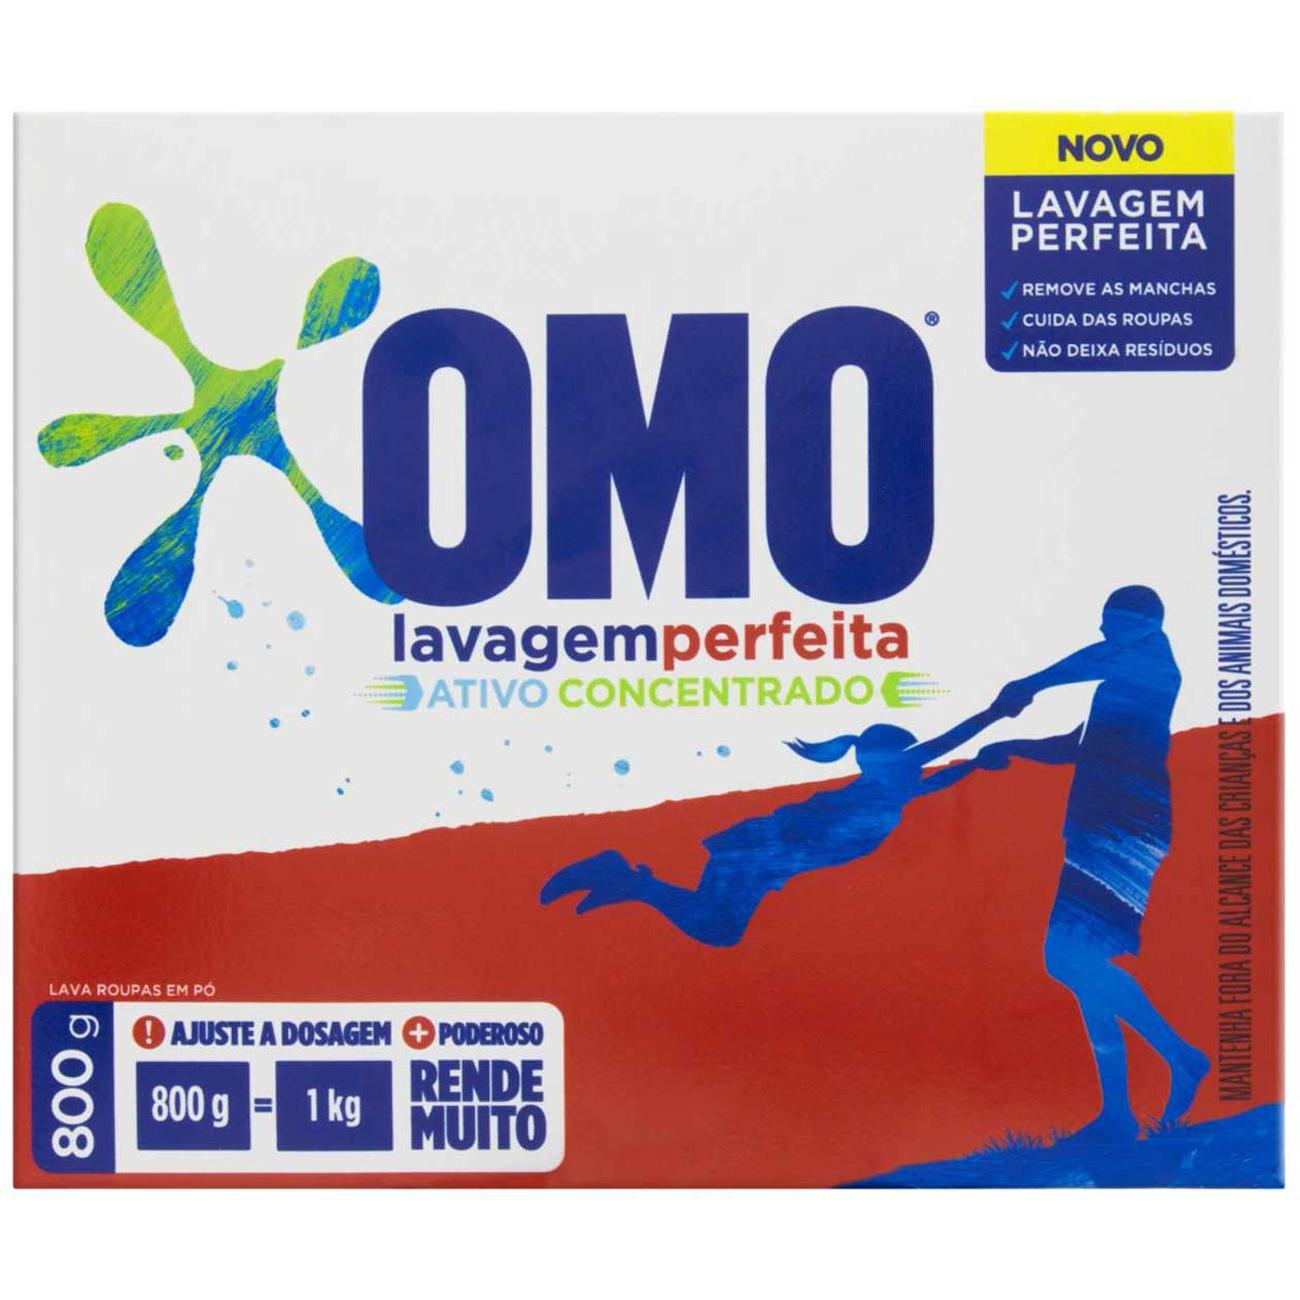 Detergente em Po Ativo Concentrado Omo Lavagem Perfeita Caixa 800G